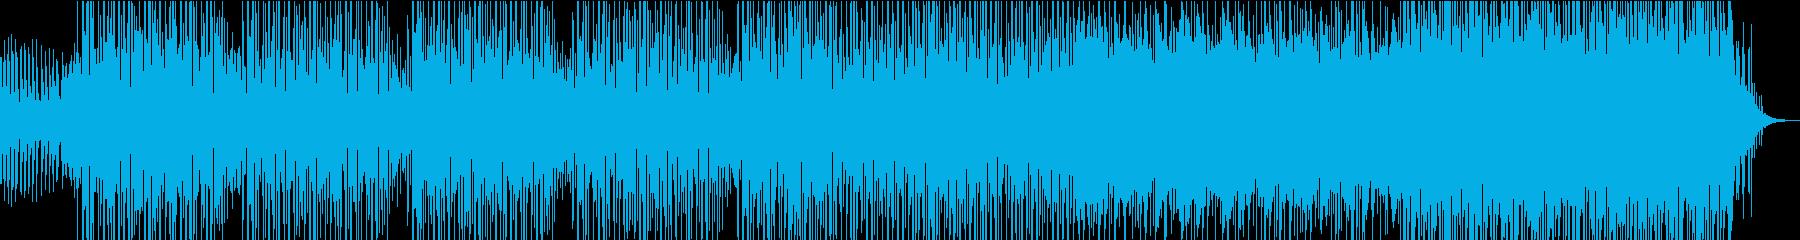 スタイリッシュなハウスミュージックの再生済みの波形